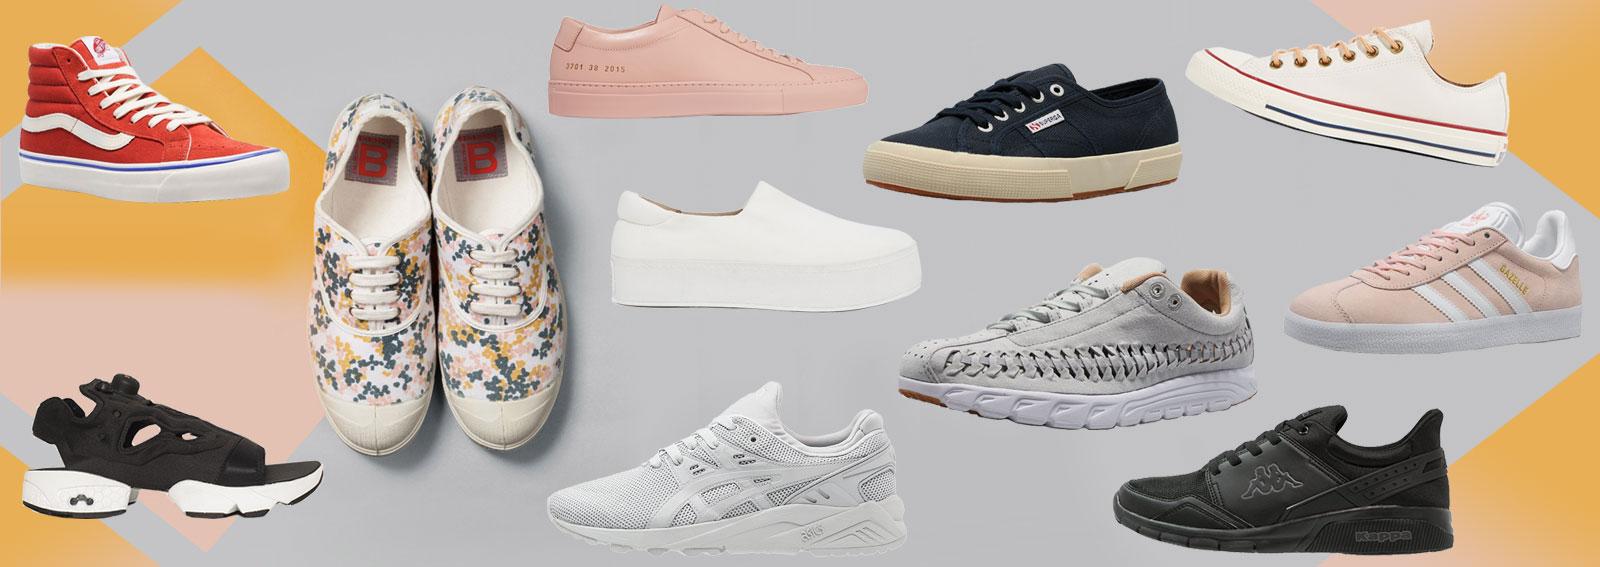 cover sneakers estate 2016 desktop